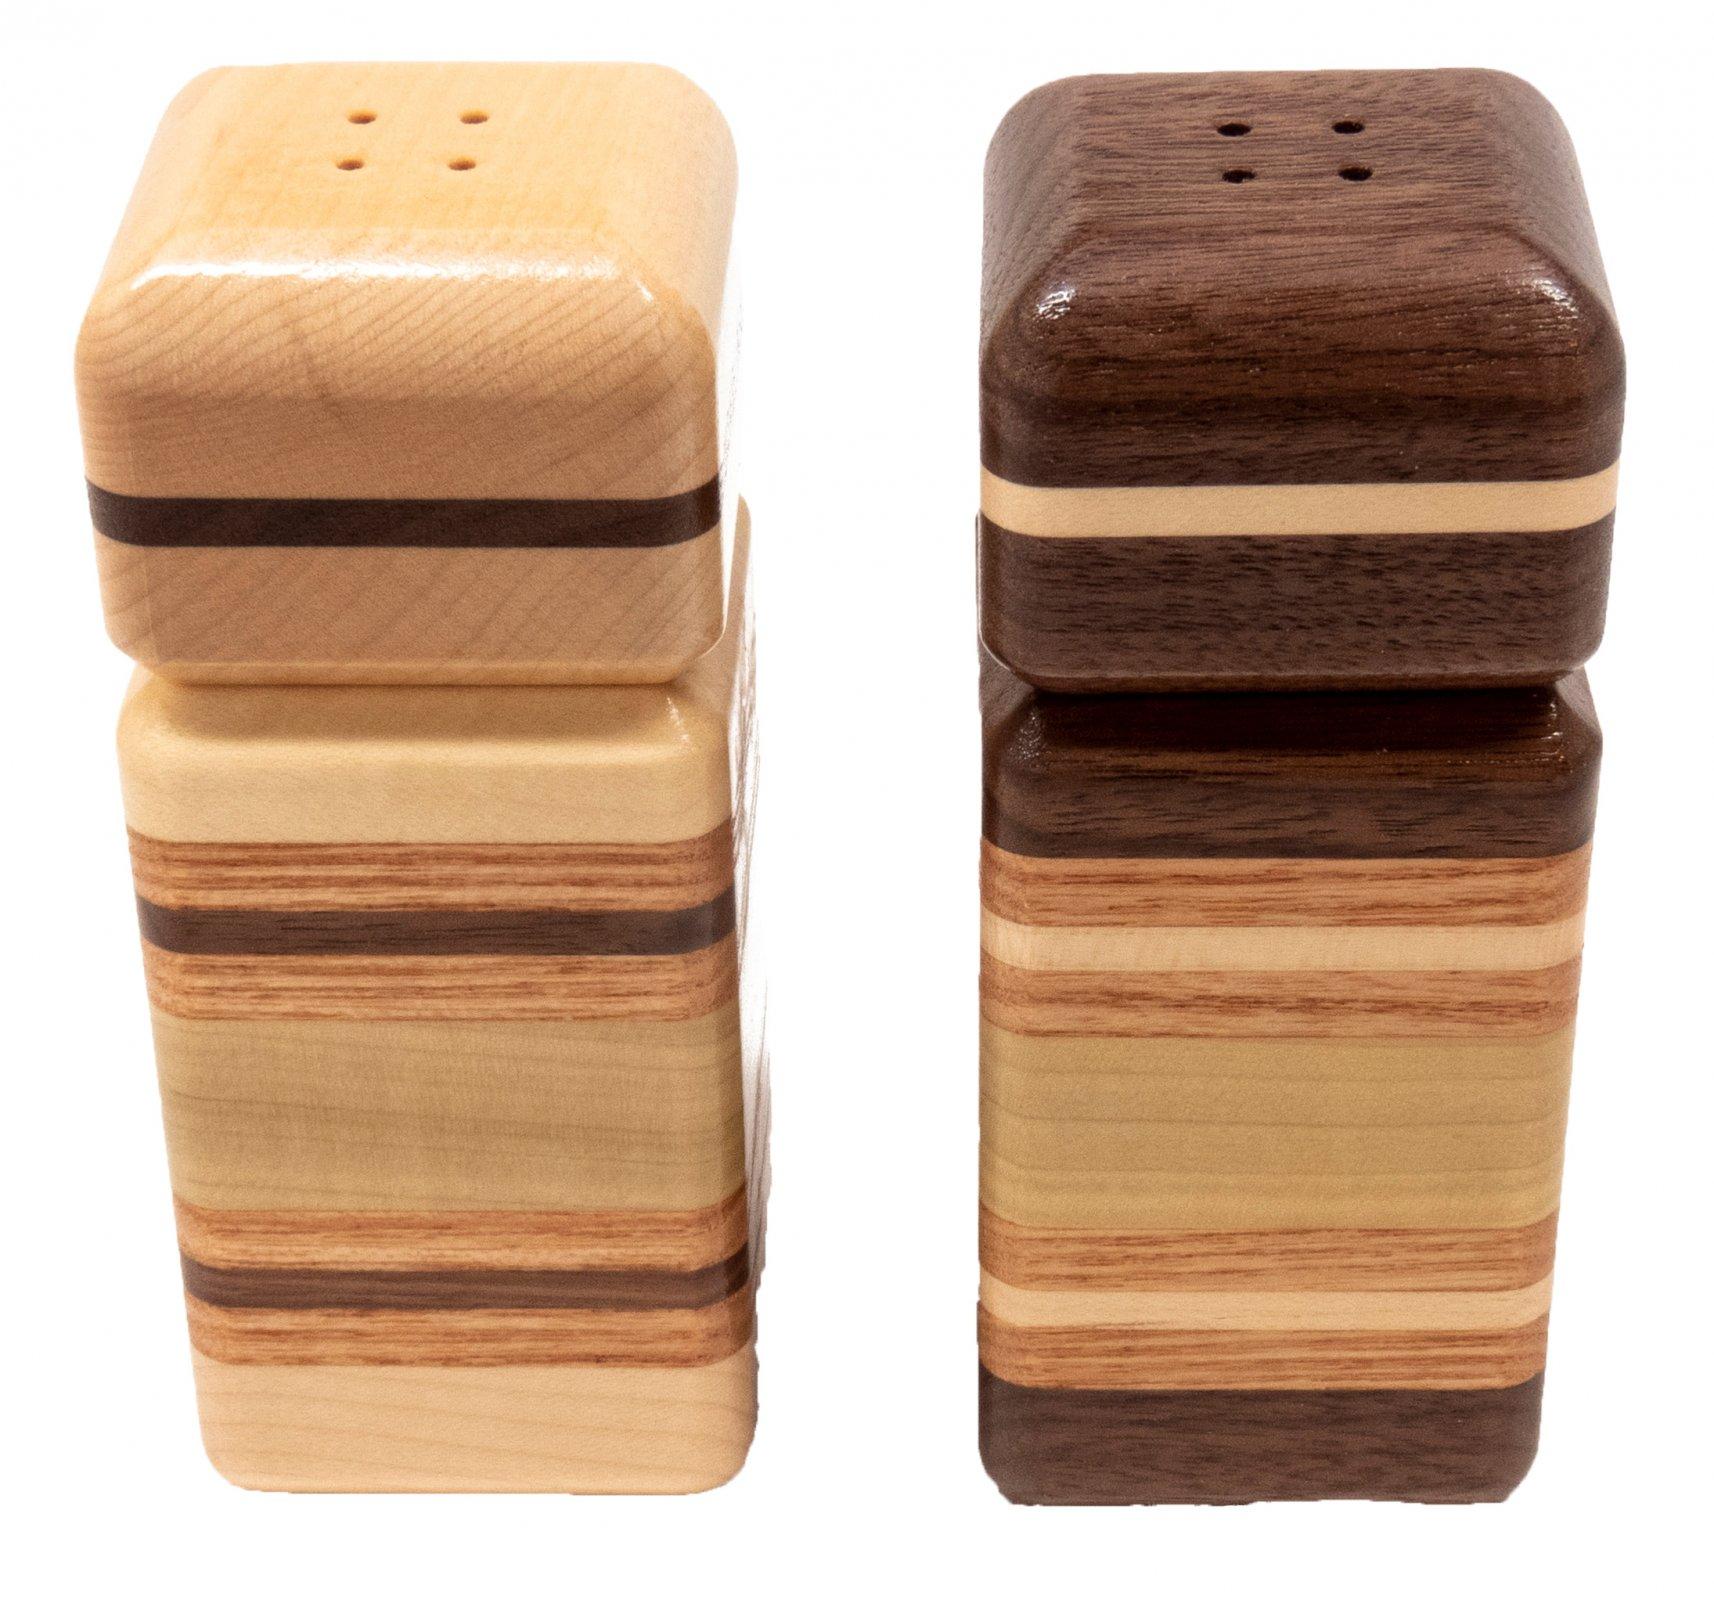 Dickinson XL Salt & Pepper Shaker Set